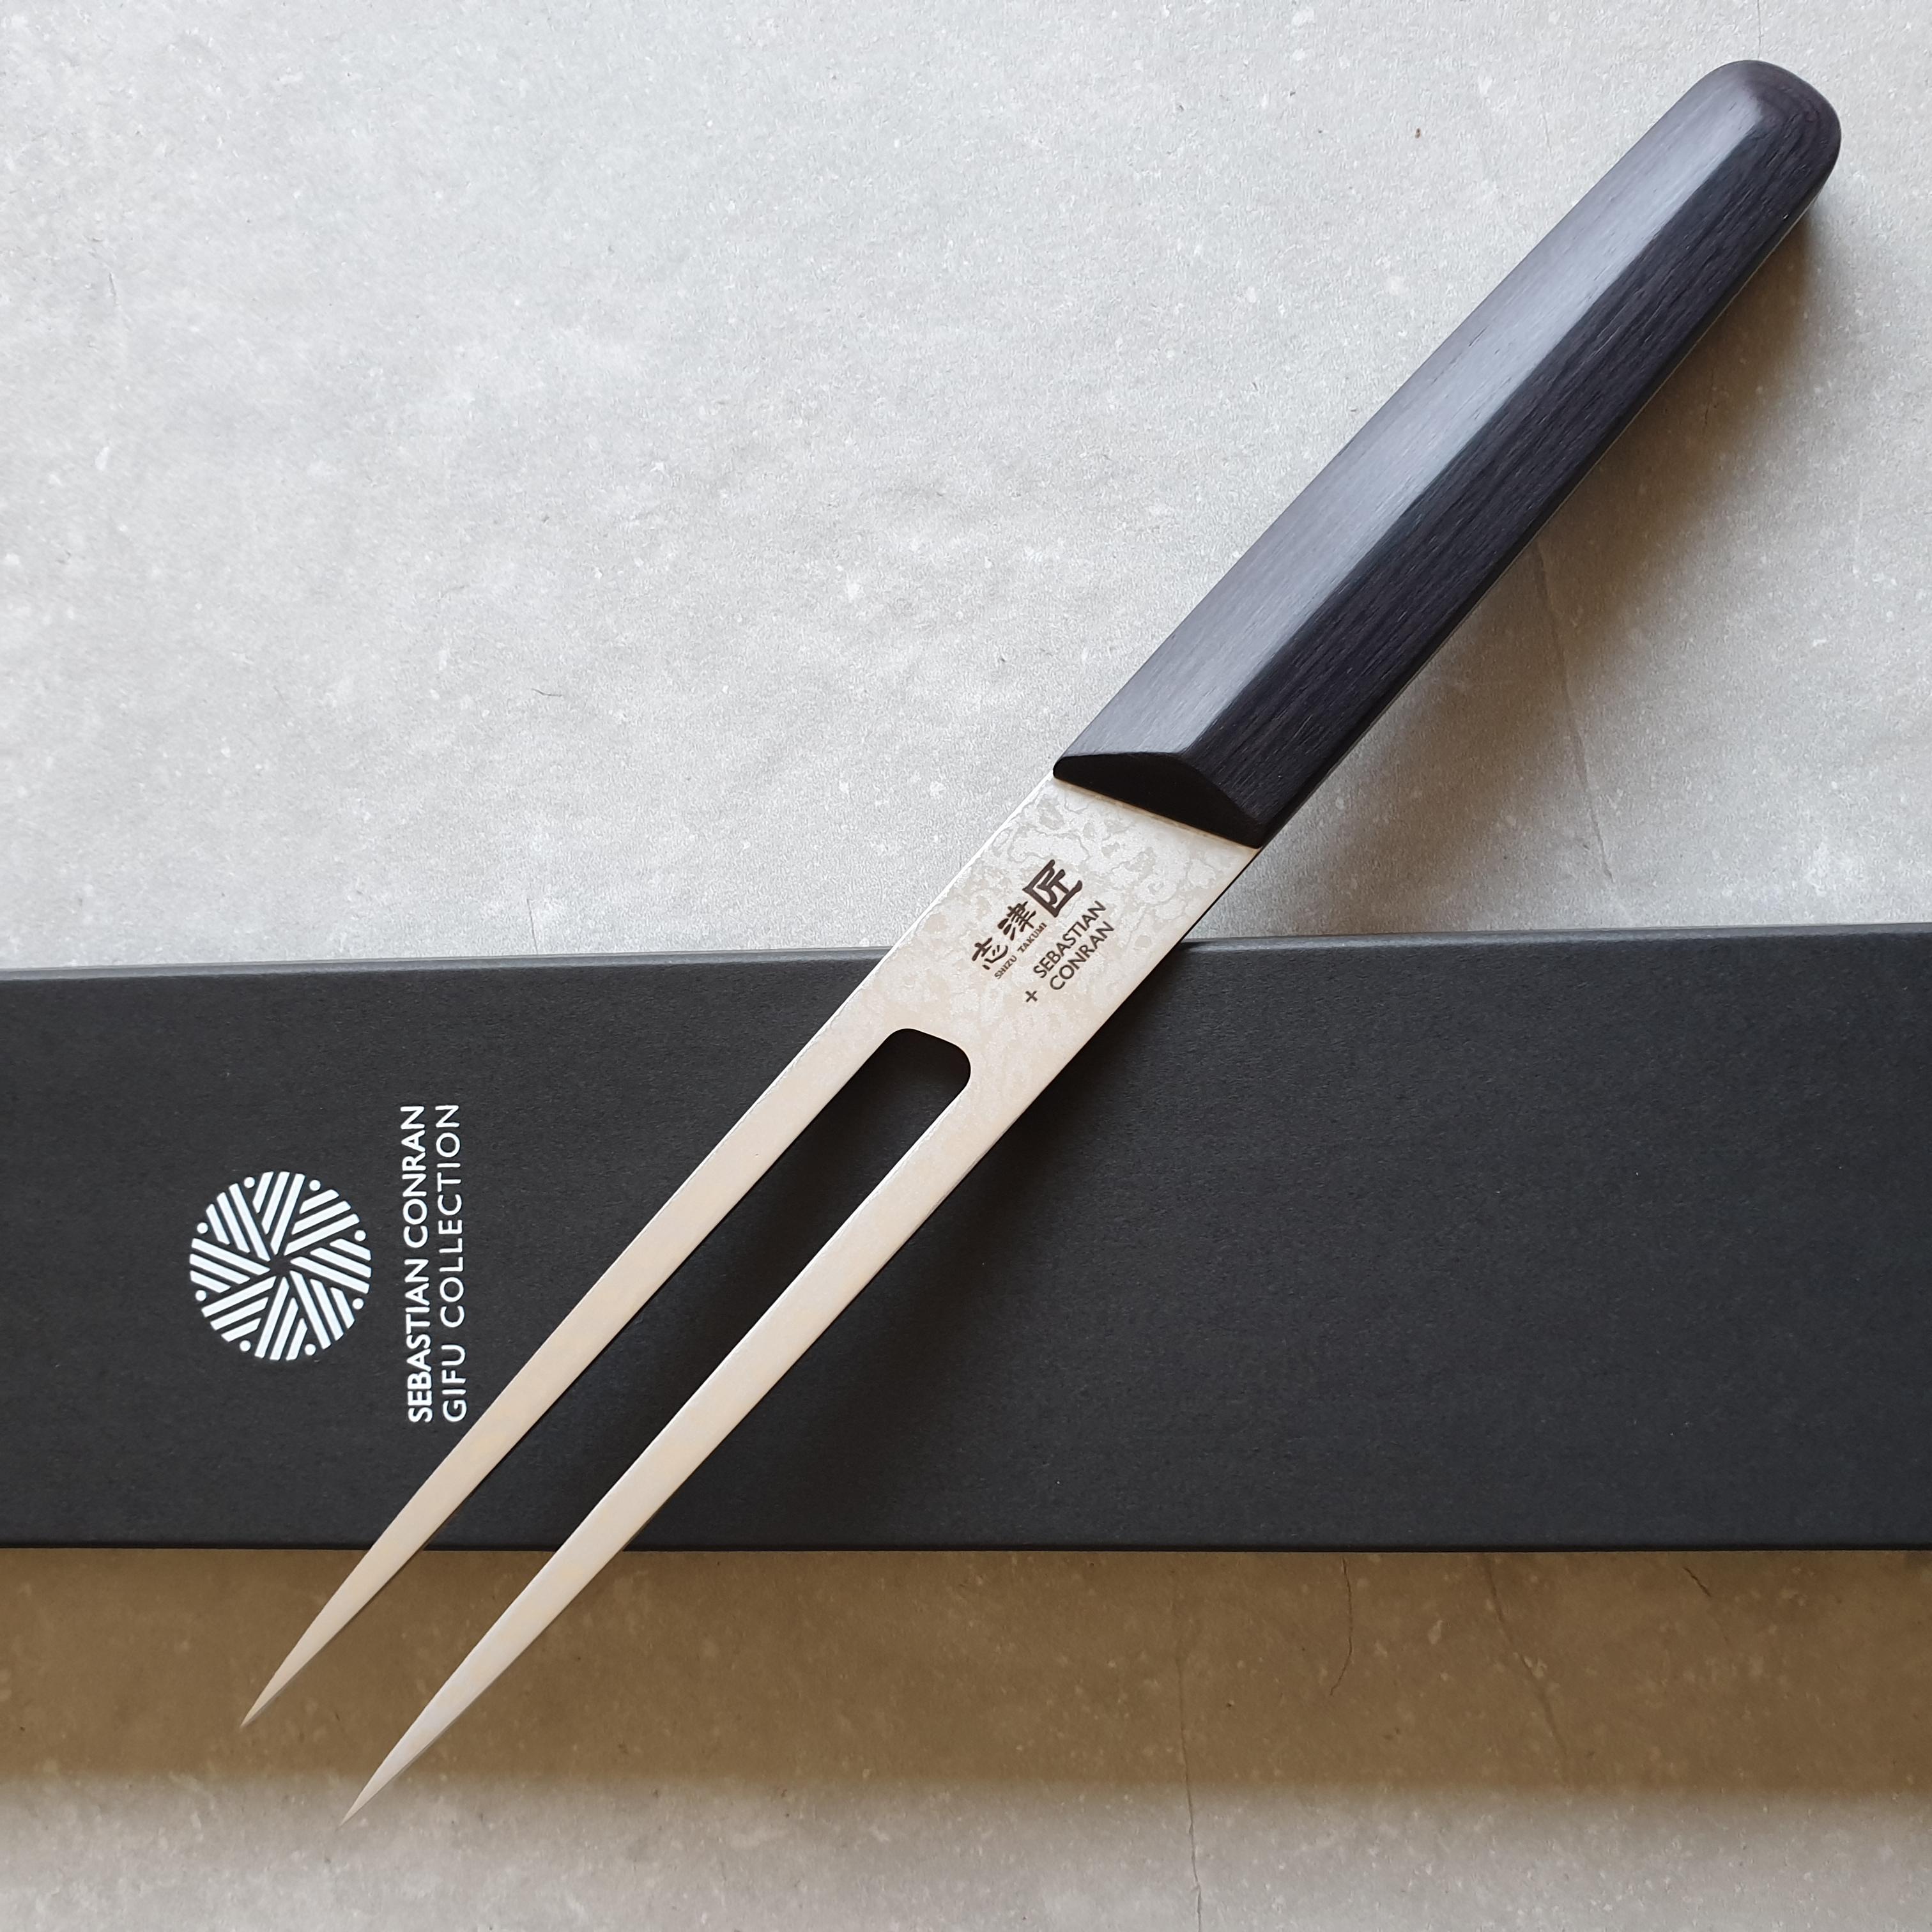 Shizu Hamono Sebastian Conran Gifu SC-1104 Fleischgabel 13cm